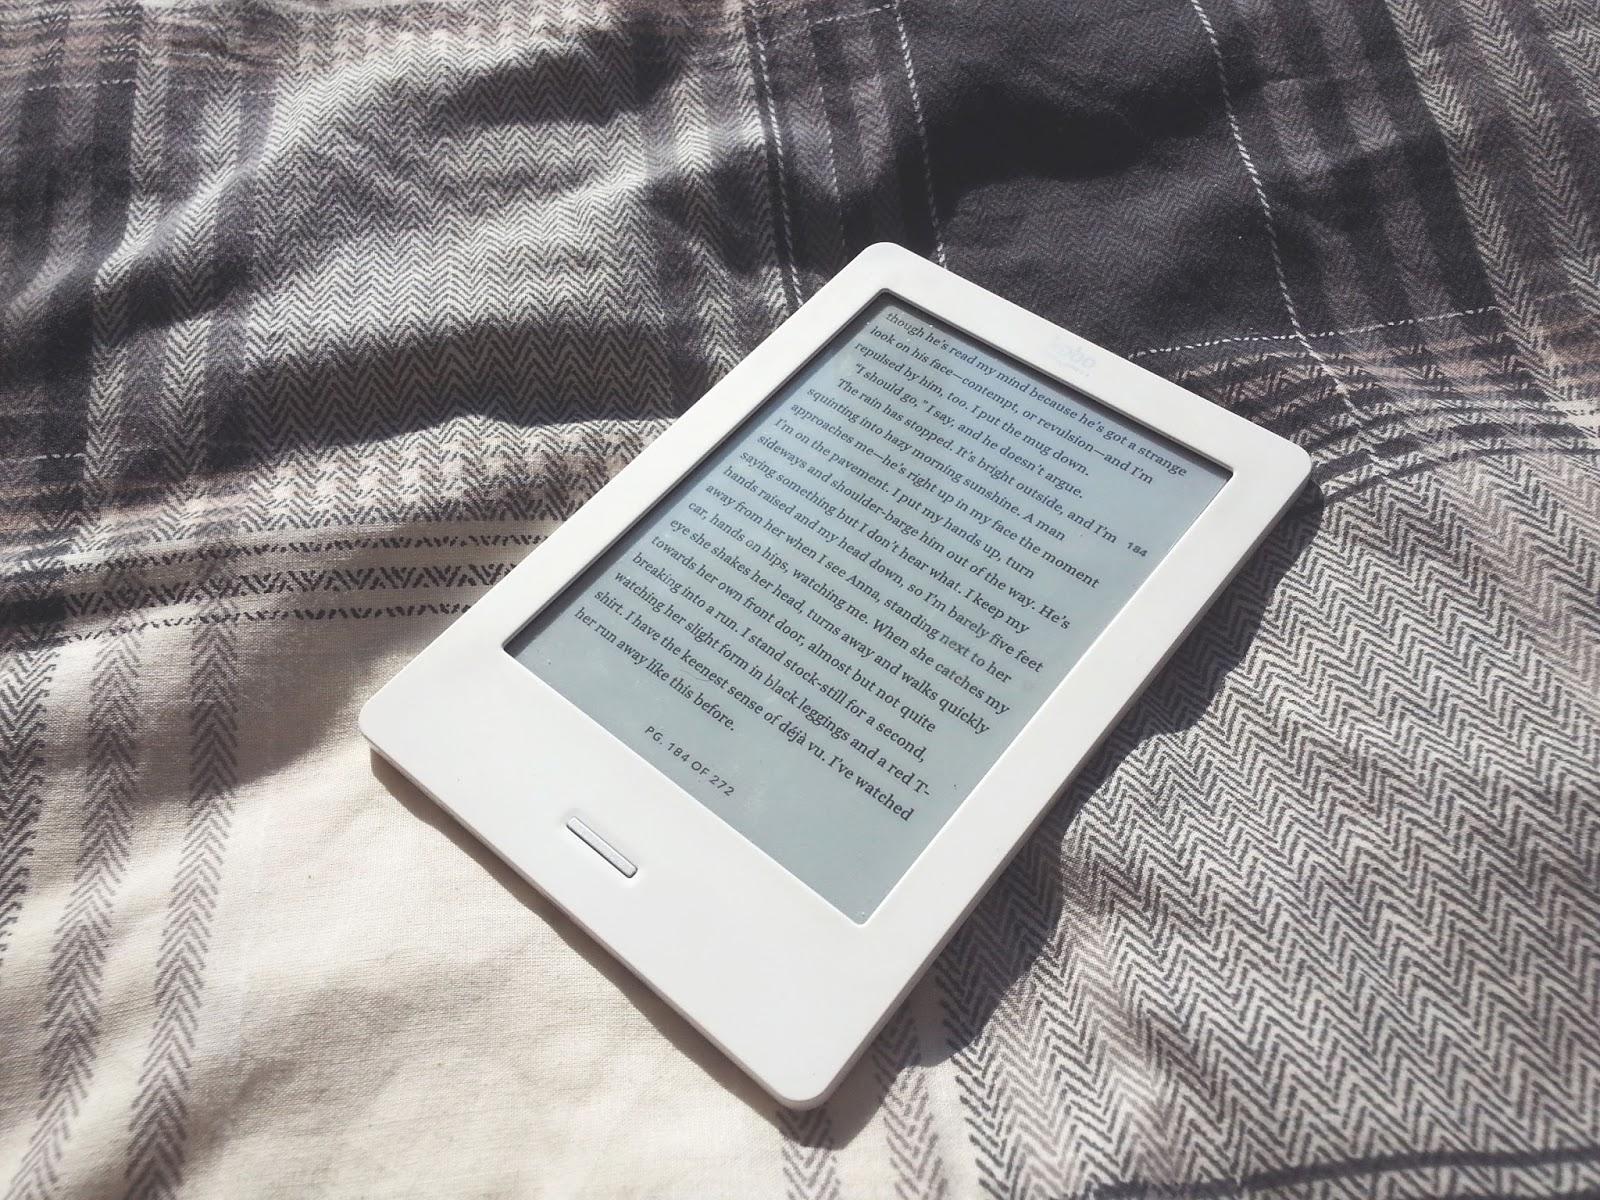 De Kobo Touch E-reader